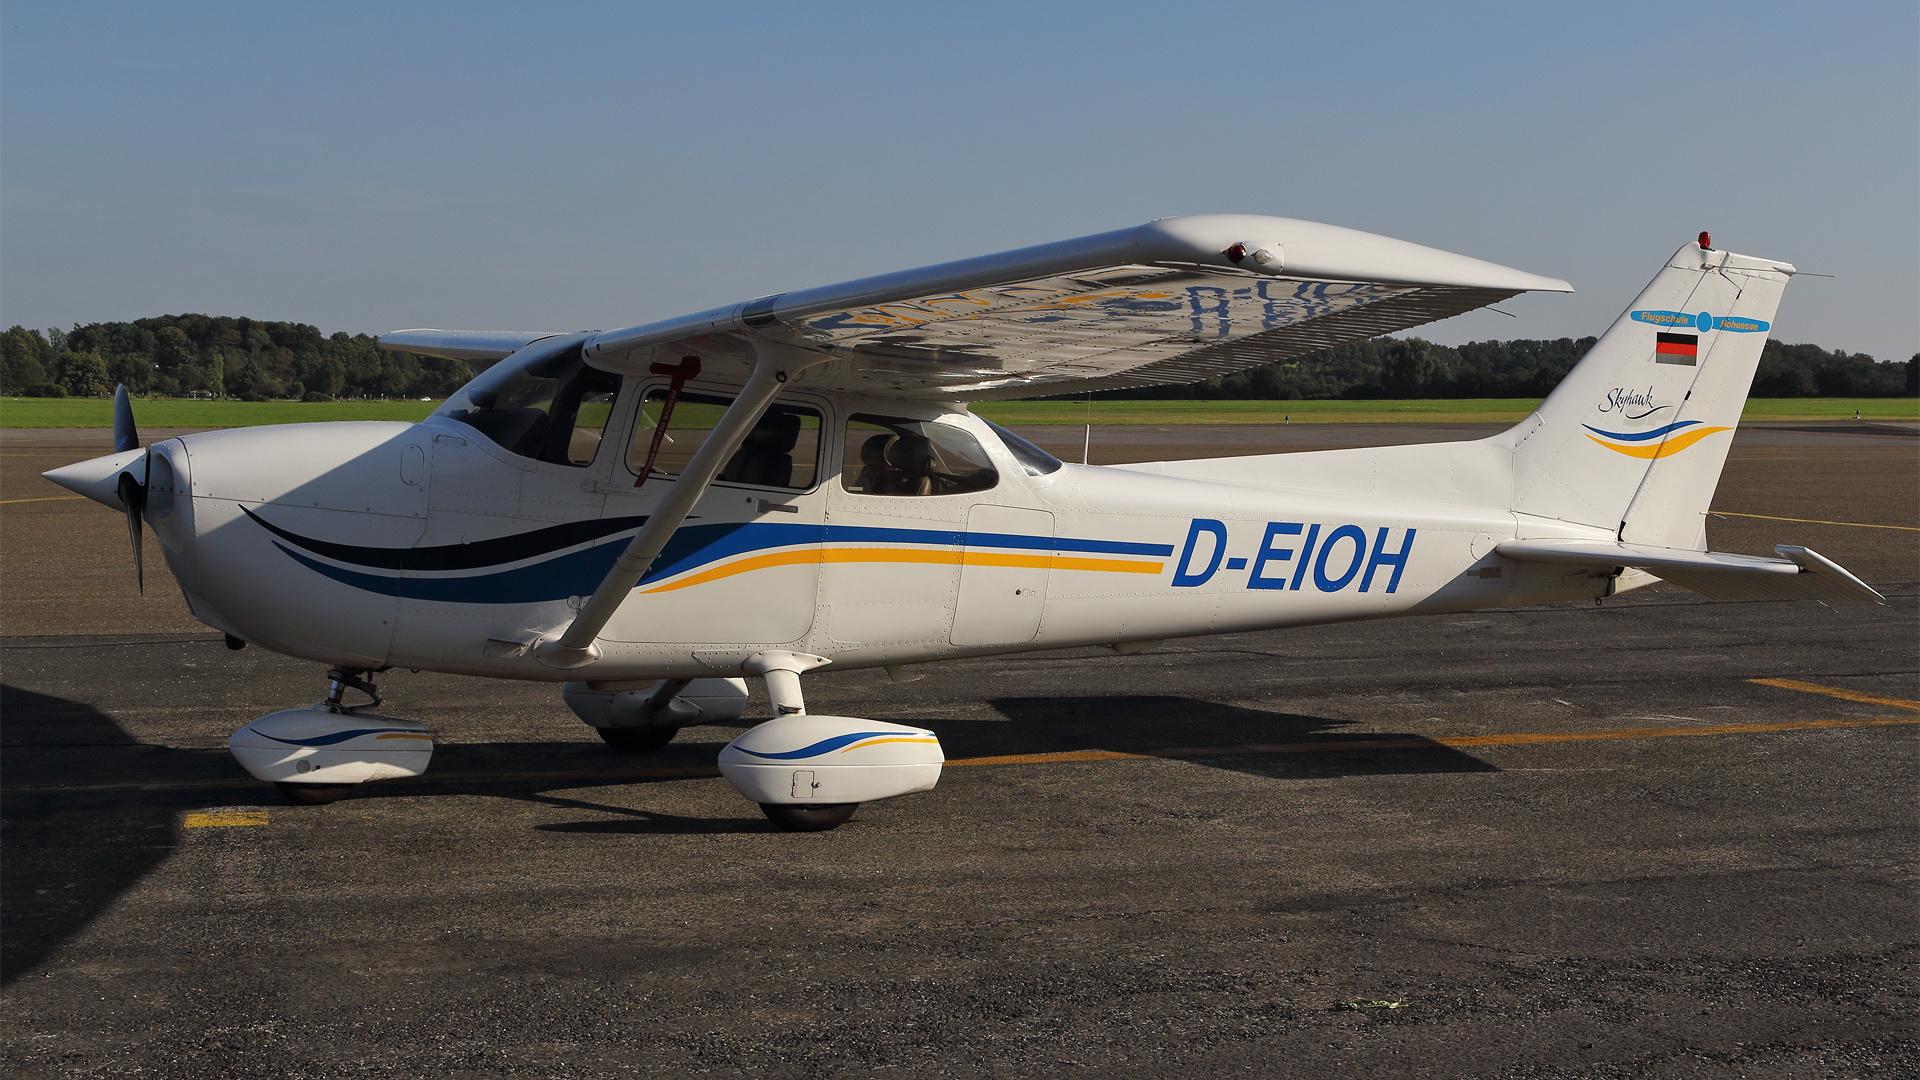 D-EIOH-1 C170 ESS 201609